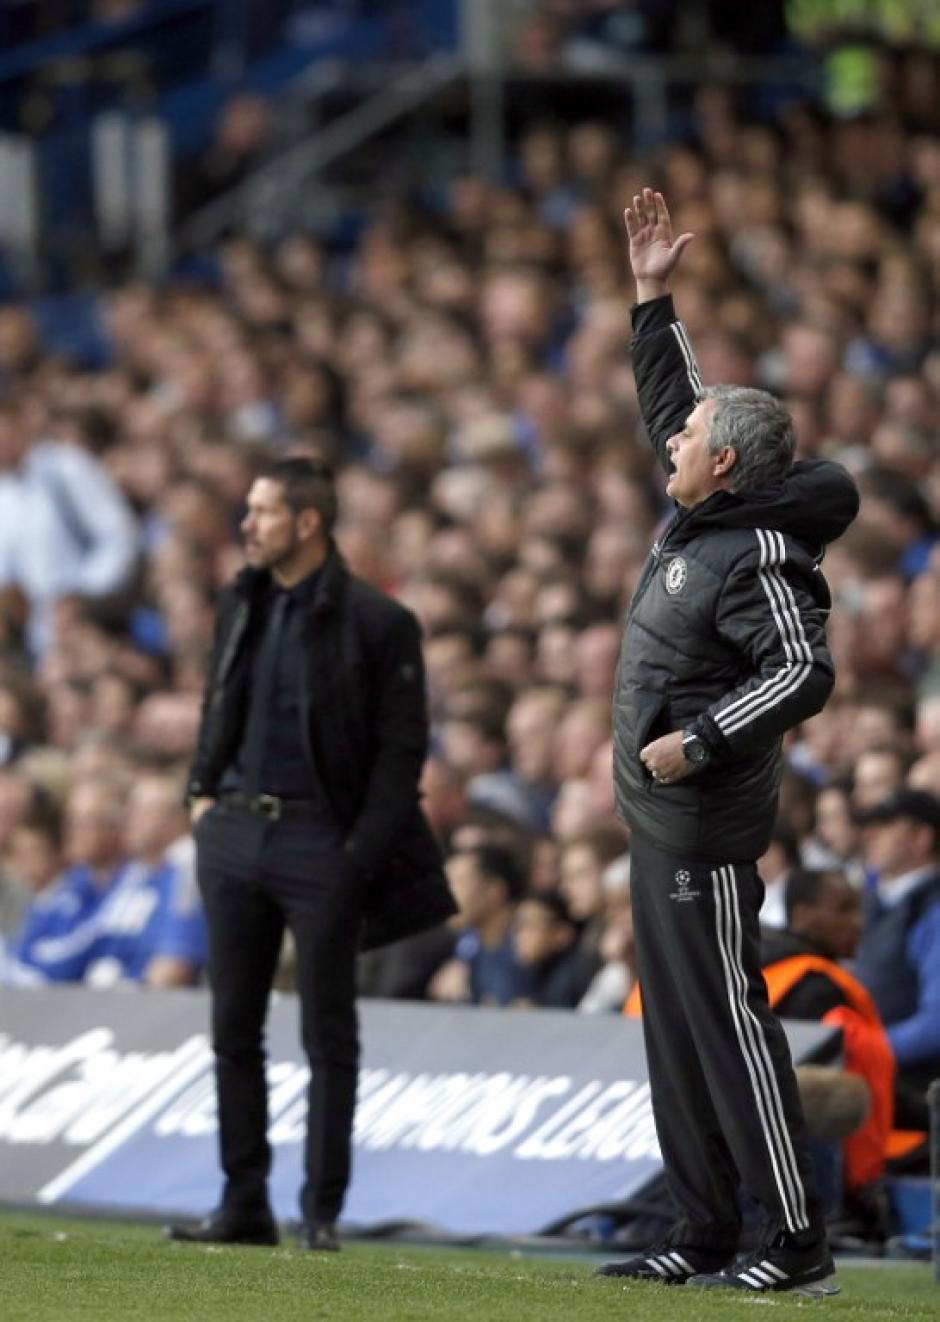 Simeone y Mourinho, dos estilos de juego bastante parecidos que enredaron la serie. (Foto: AFP)